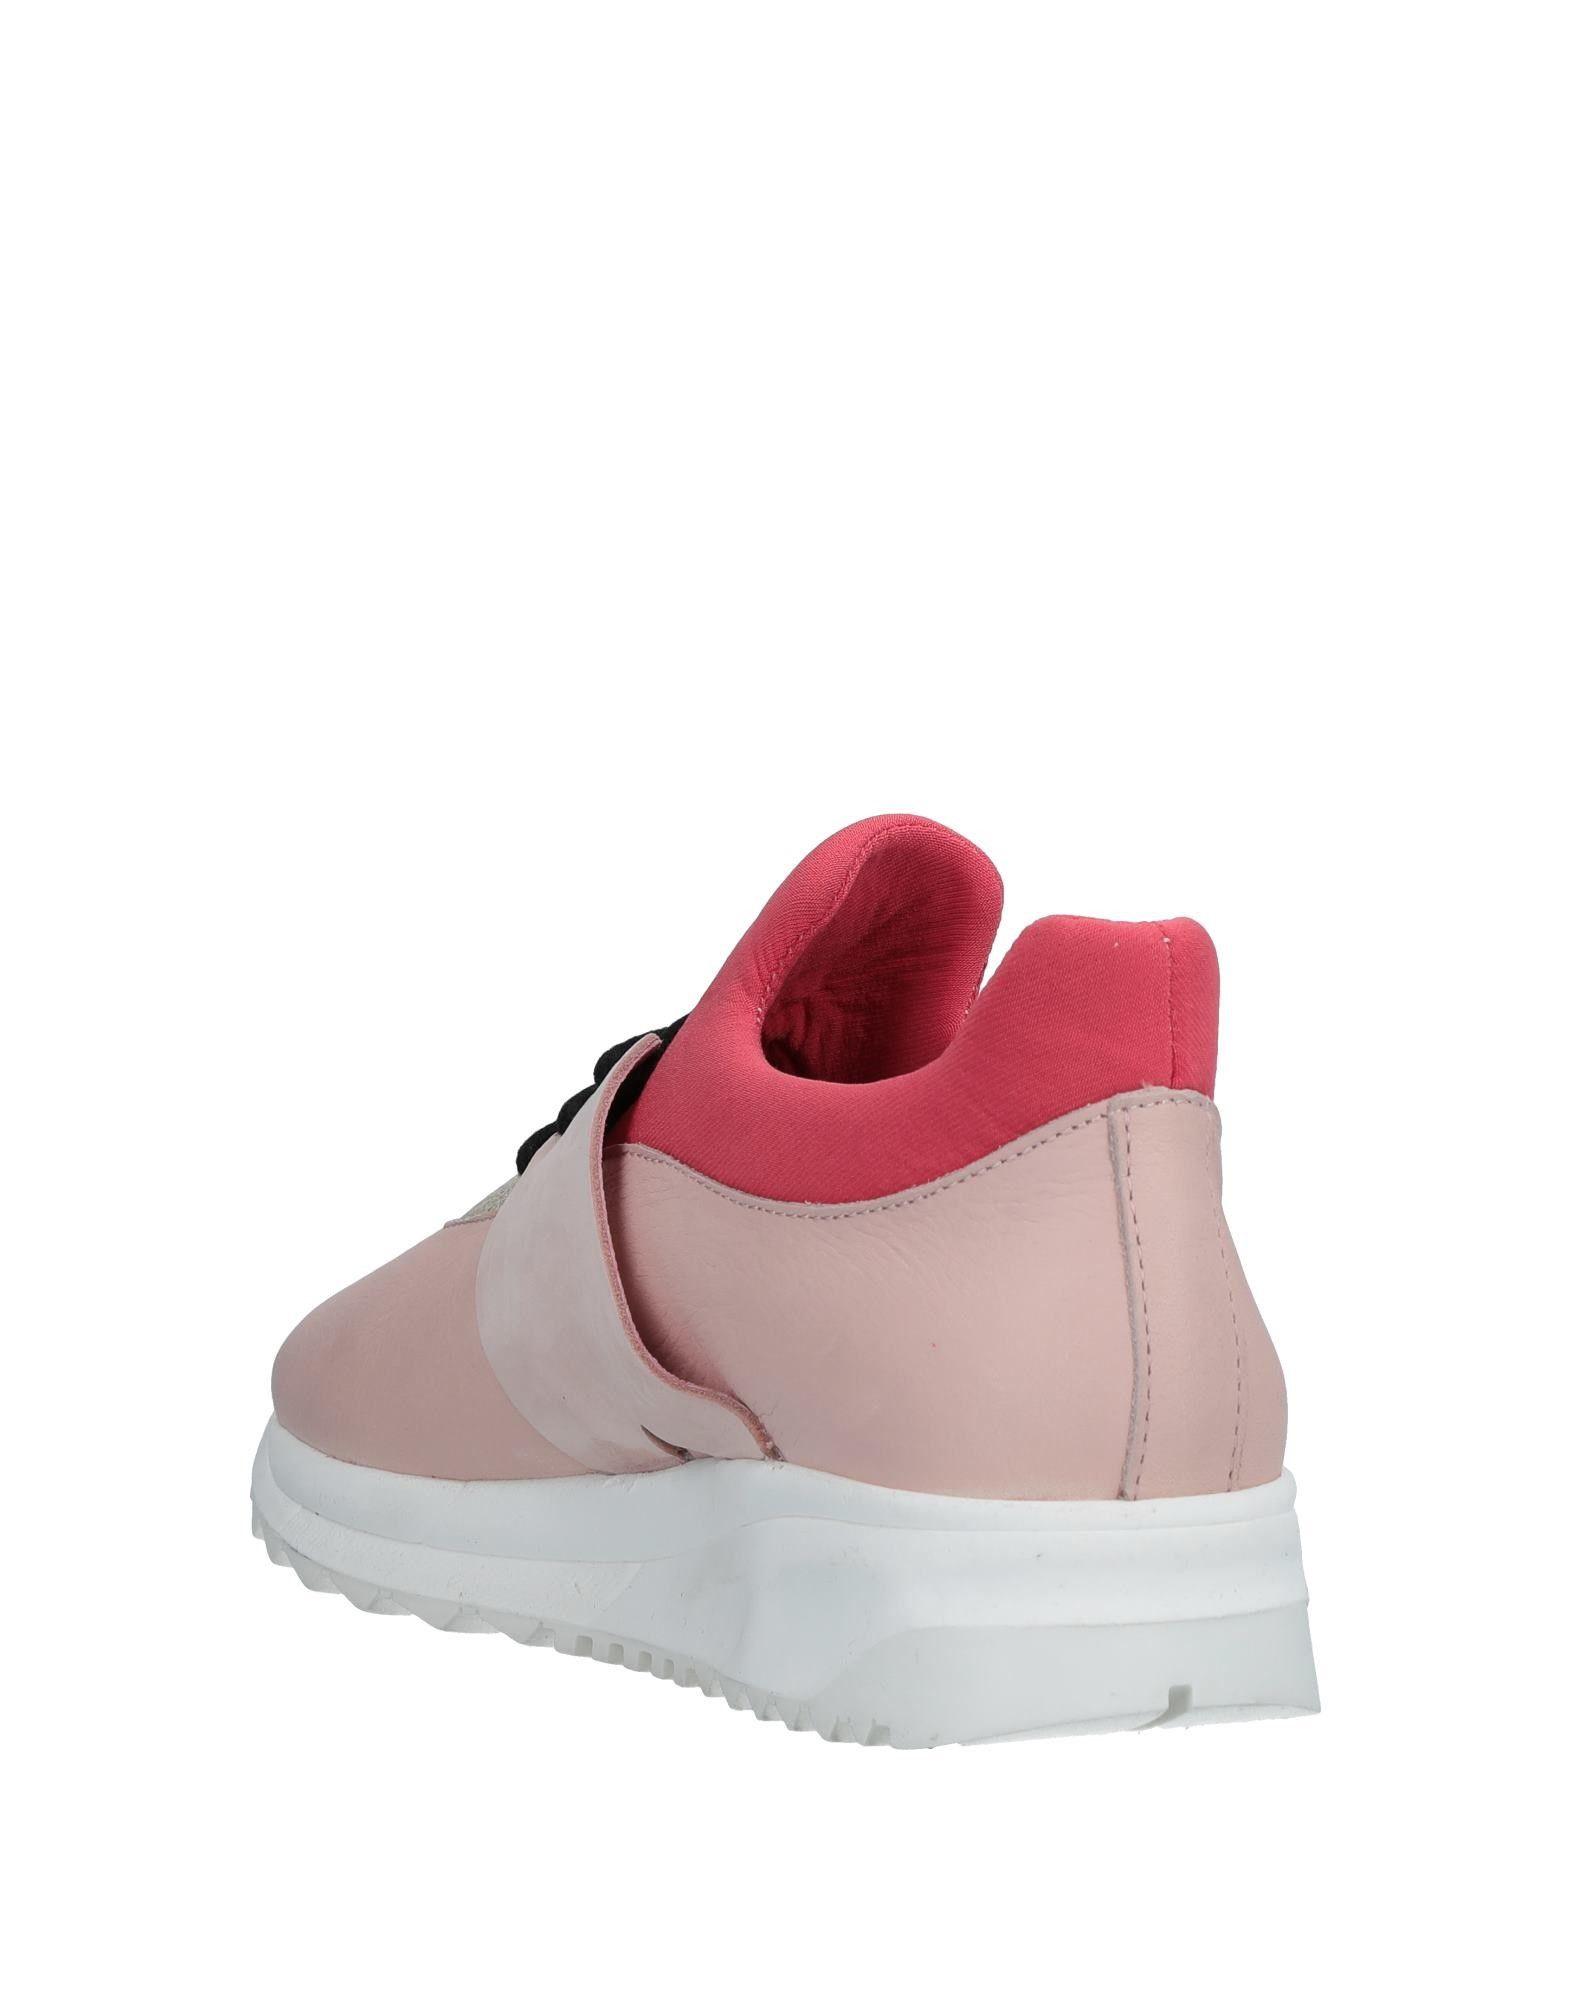 Dolfie Sneakers Damen  11527966UF Gute Qualität beliebte Schuhe